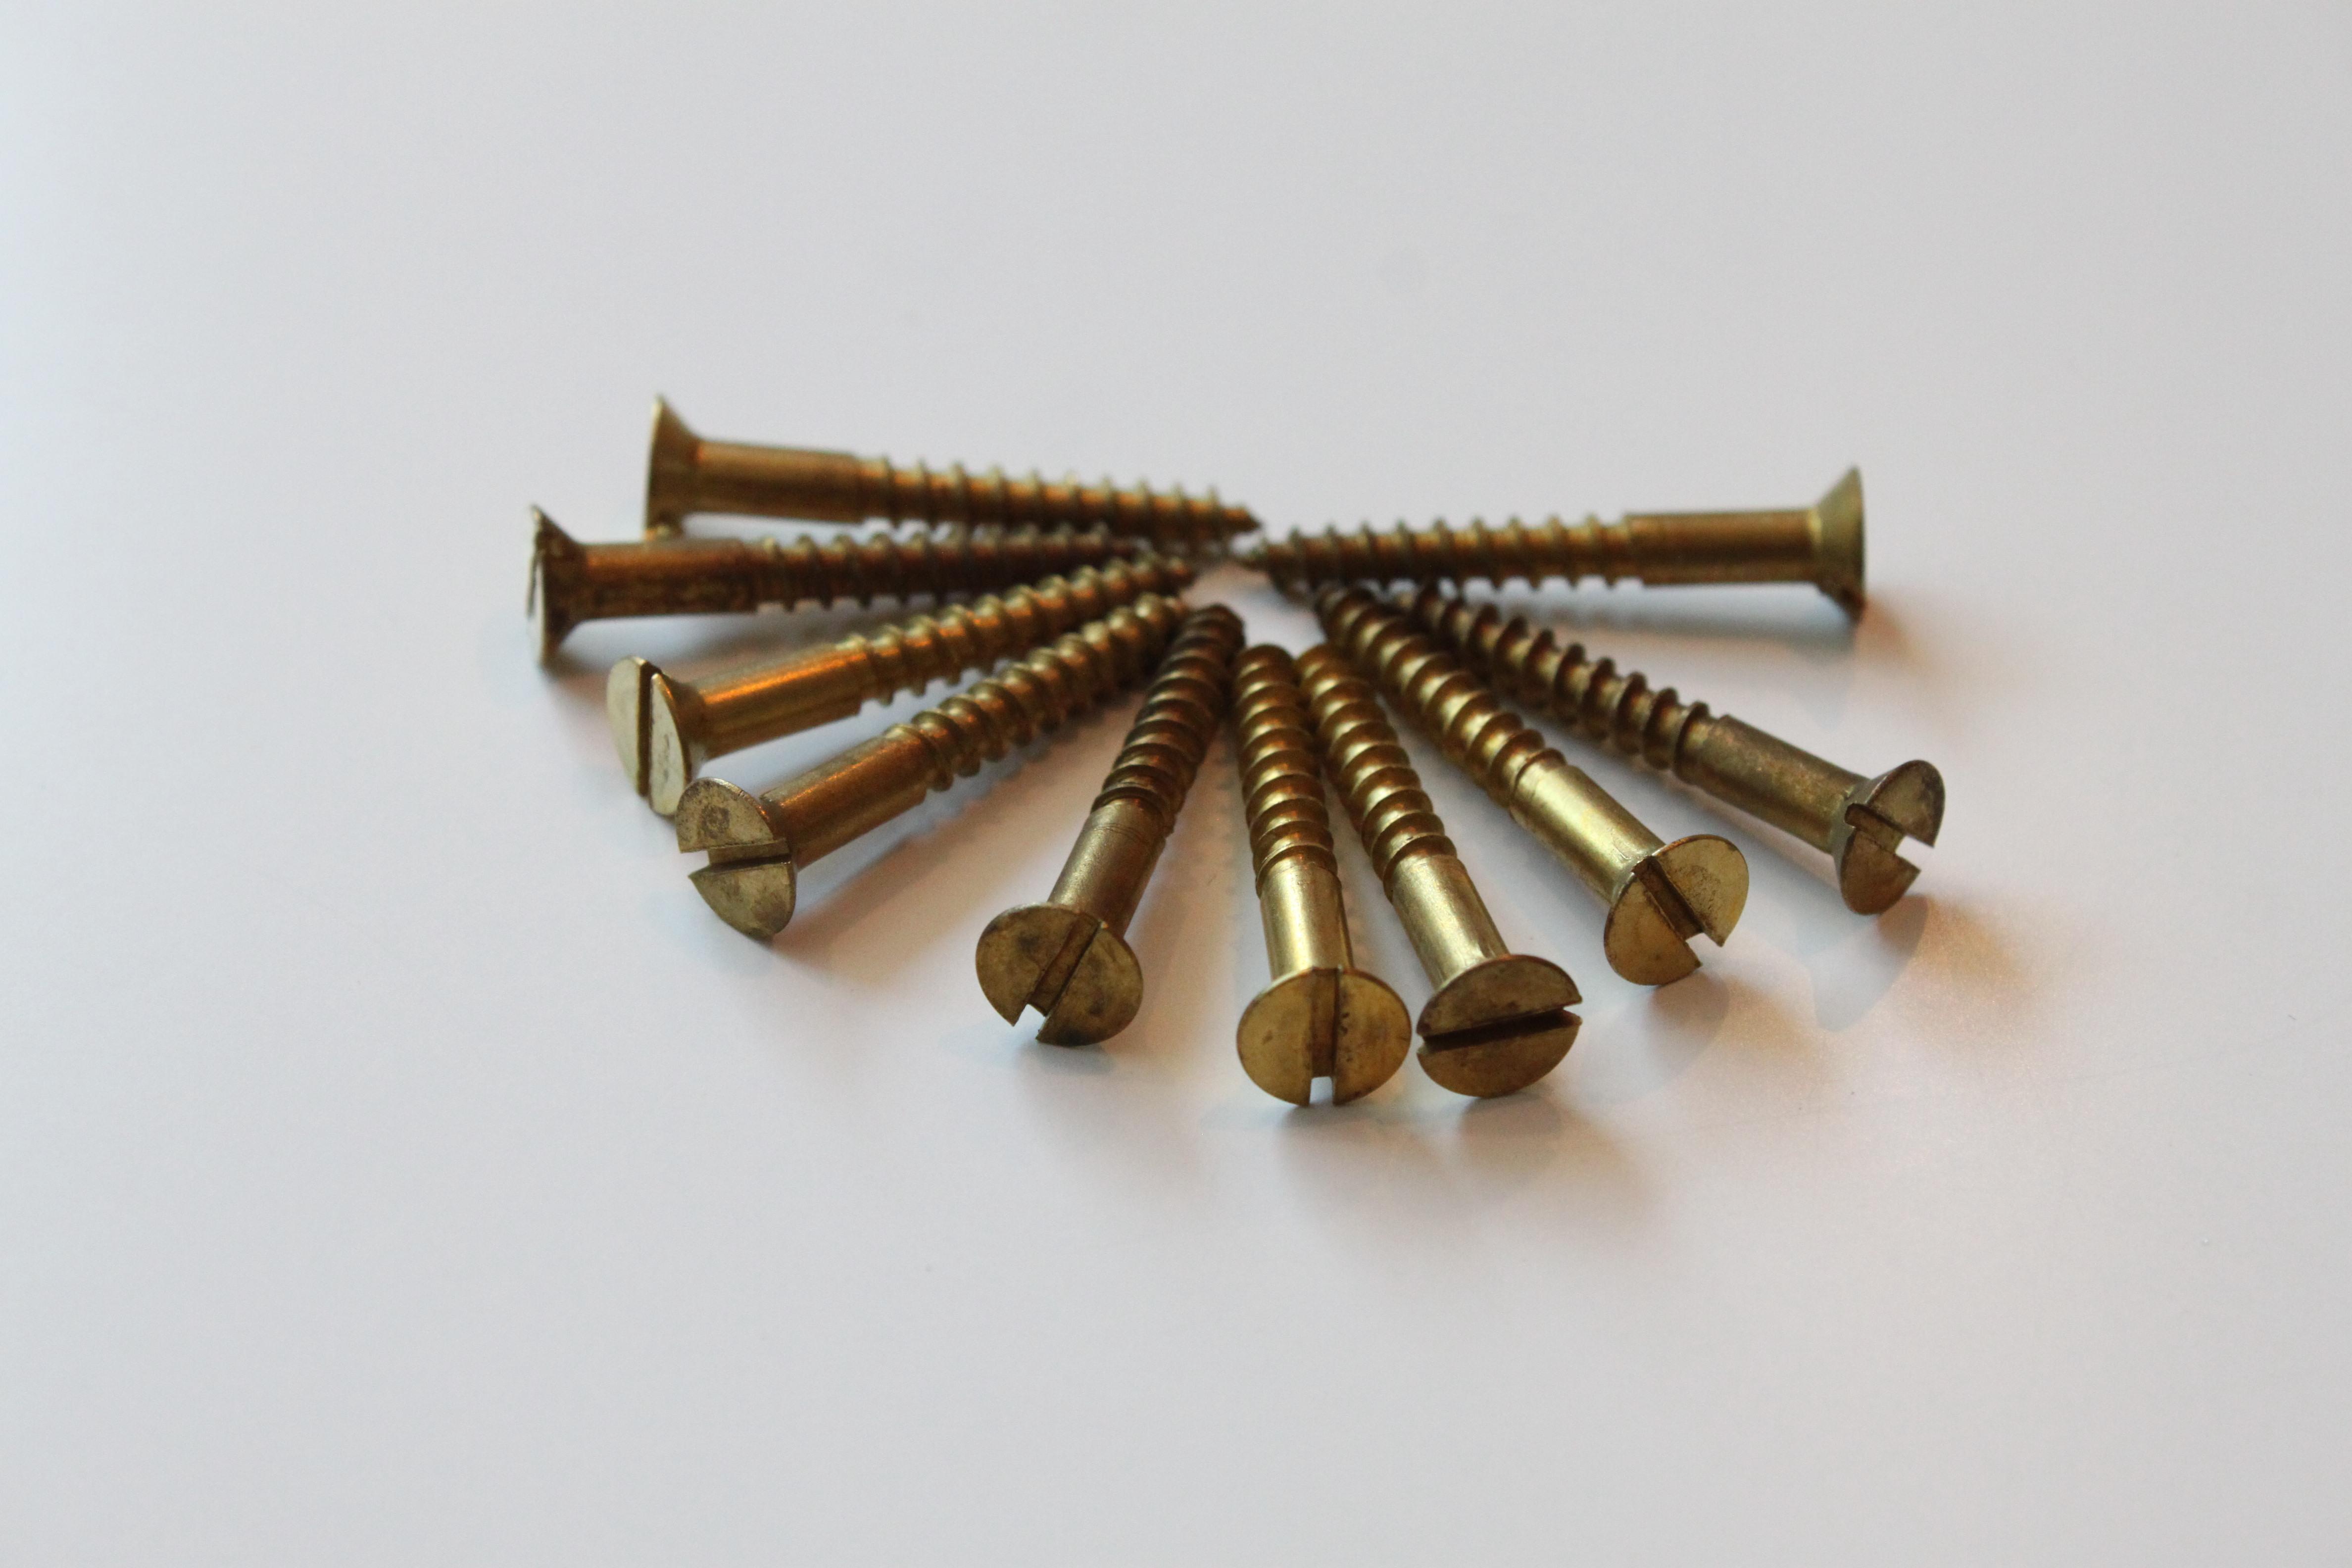 マイナス木捻子4.1×32mm(K-堀8)¥453